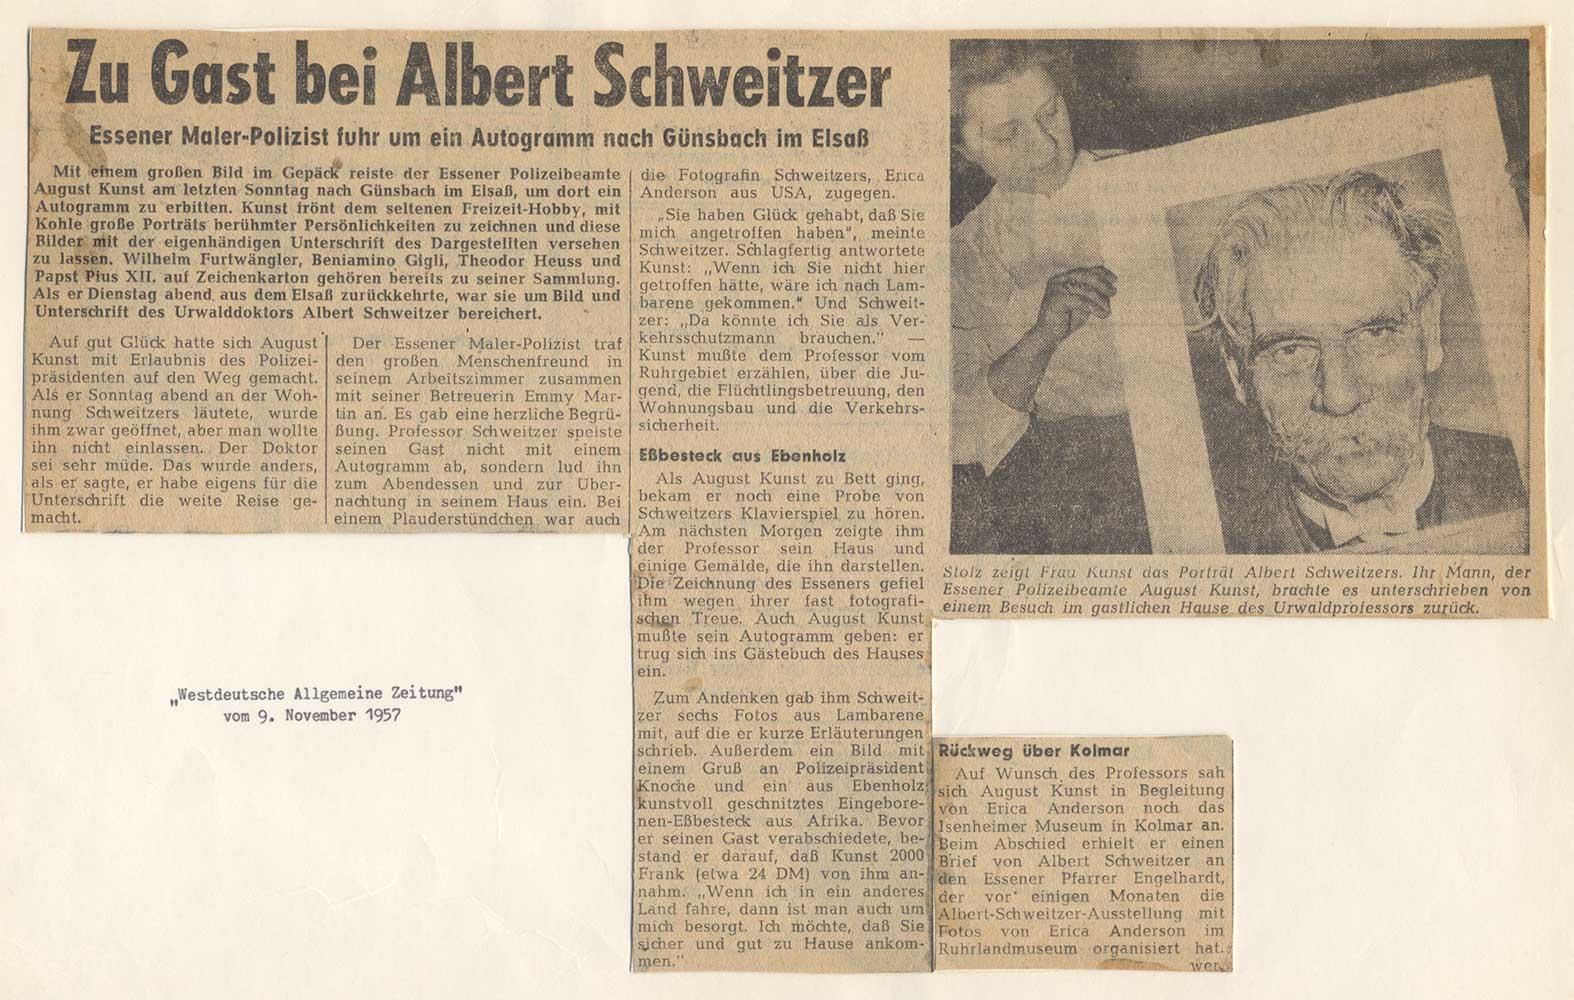 Pressebericht über den Aufenthalt von August Kunst bei Albert Schweitzer